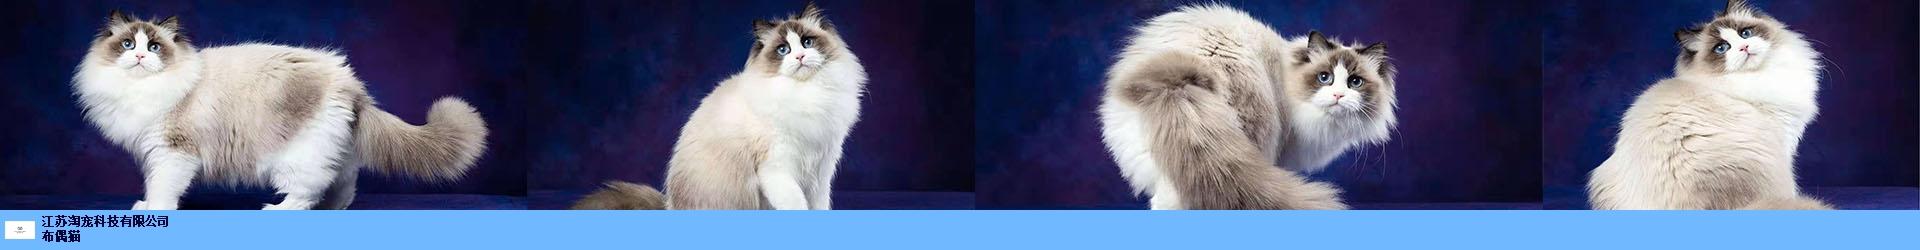 南通如何开家猫舍的猫 和谐共赢 江苏淘宠科技供应